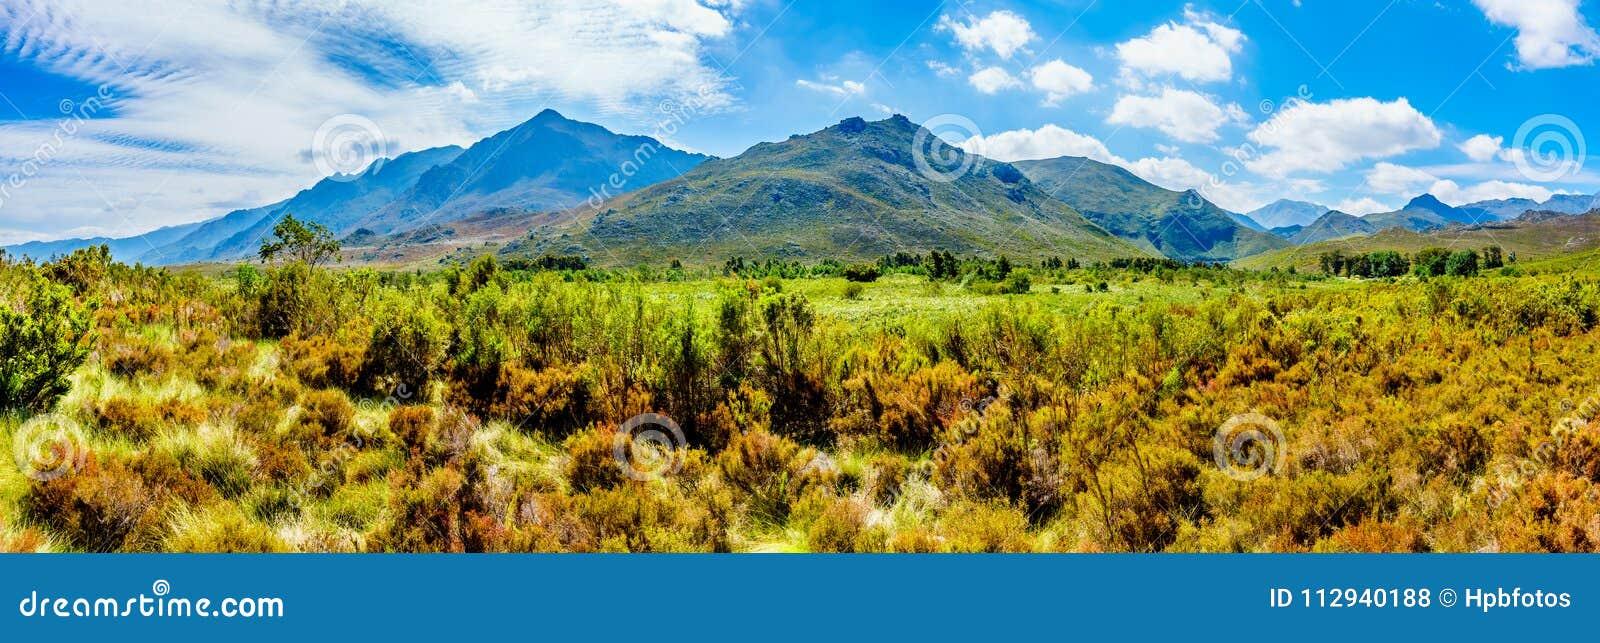 Panoramamening van het zuidelijke eind van de Franschhoek-Pas die naar de Bergen van Wemmershoek kijken en Franschhoek-